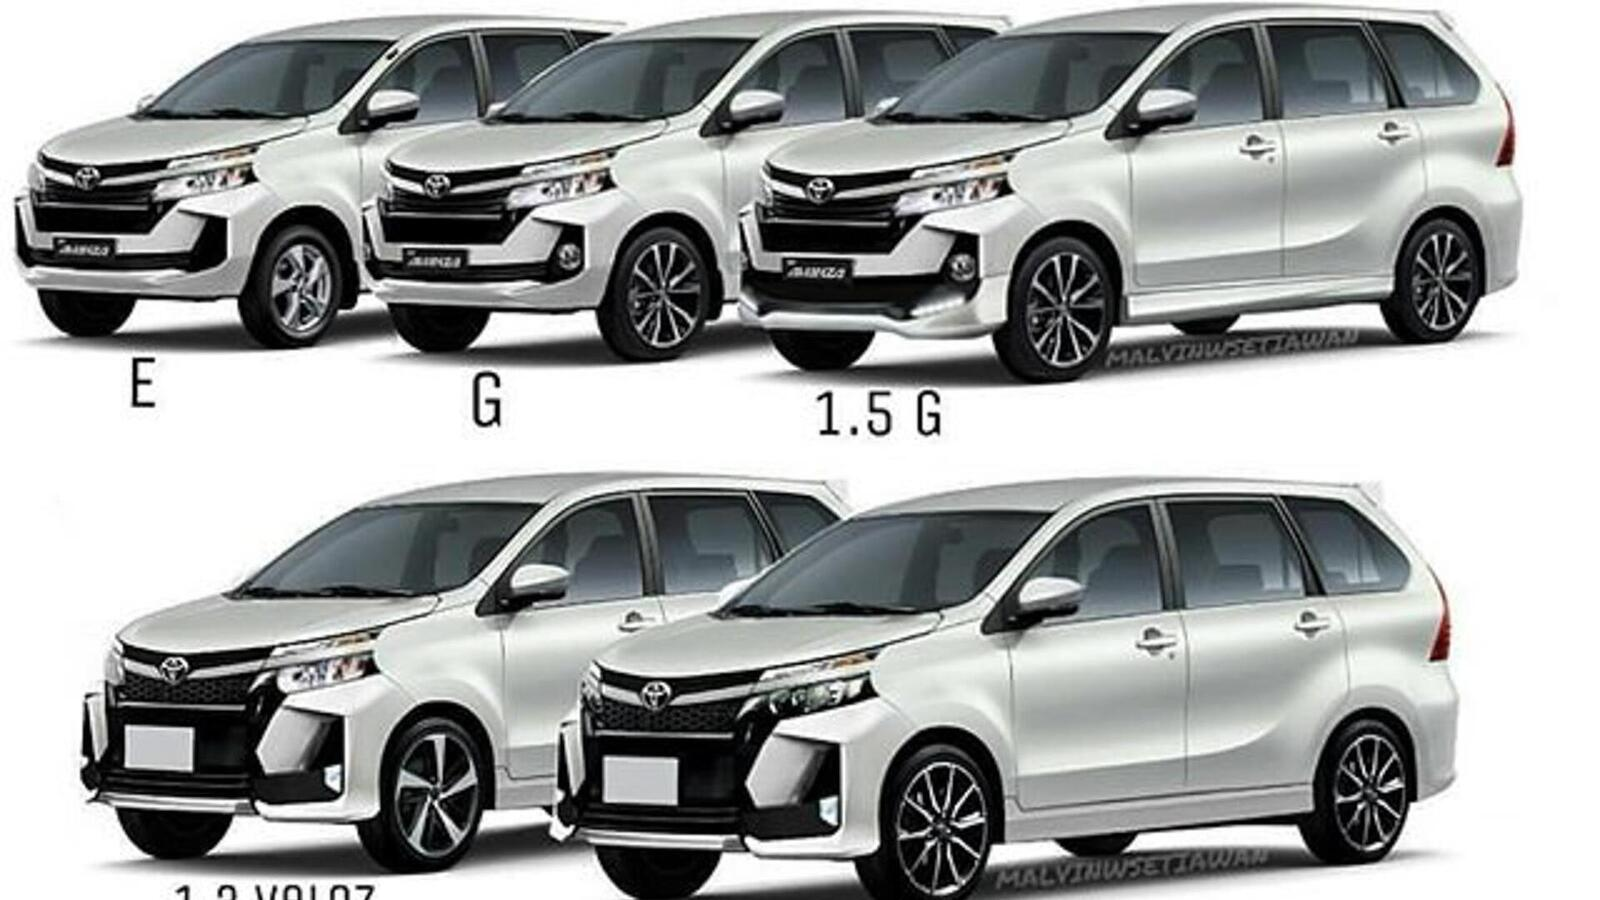 Lộ diện Toyota Avanza 2019 phiên bản nâng cấp Facelift mới với thiết kế đẹp phiên bản cũ - Hình 11